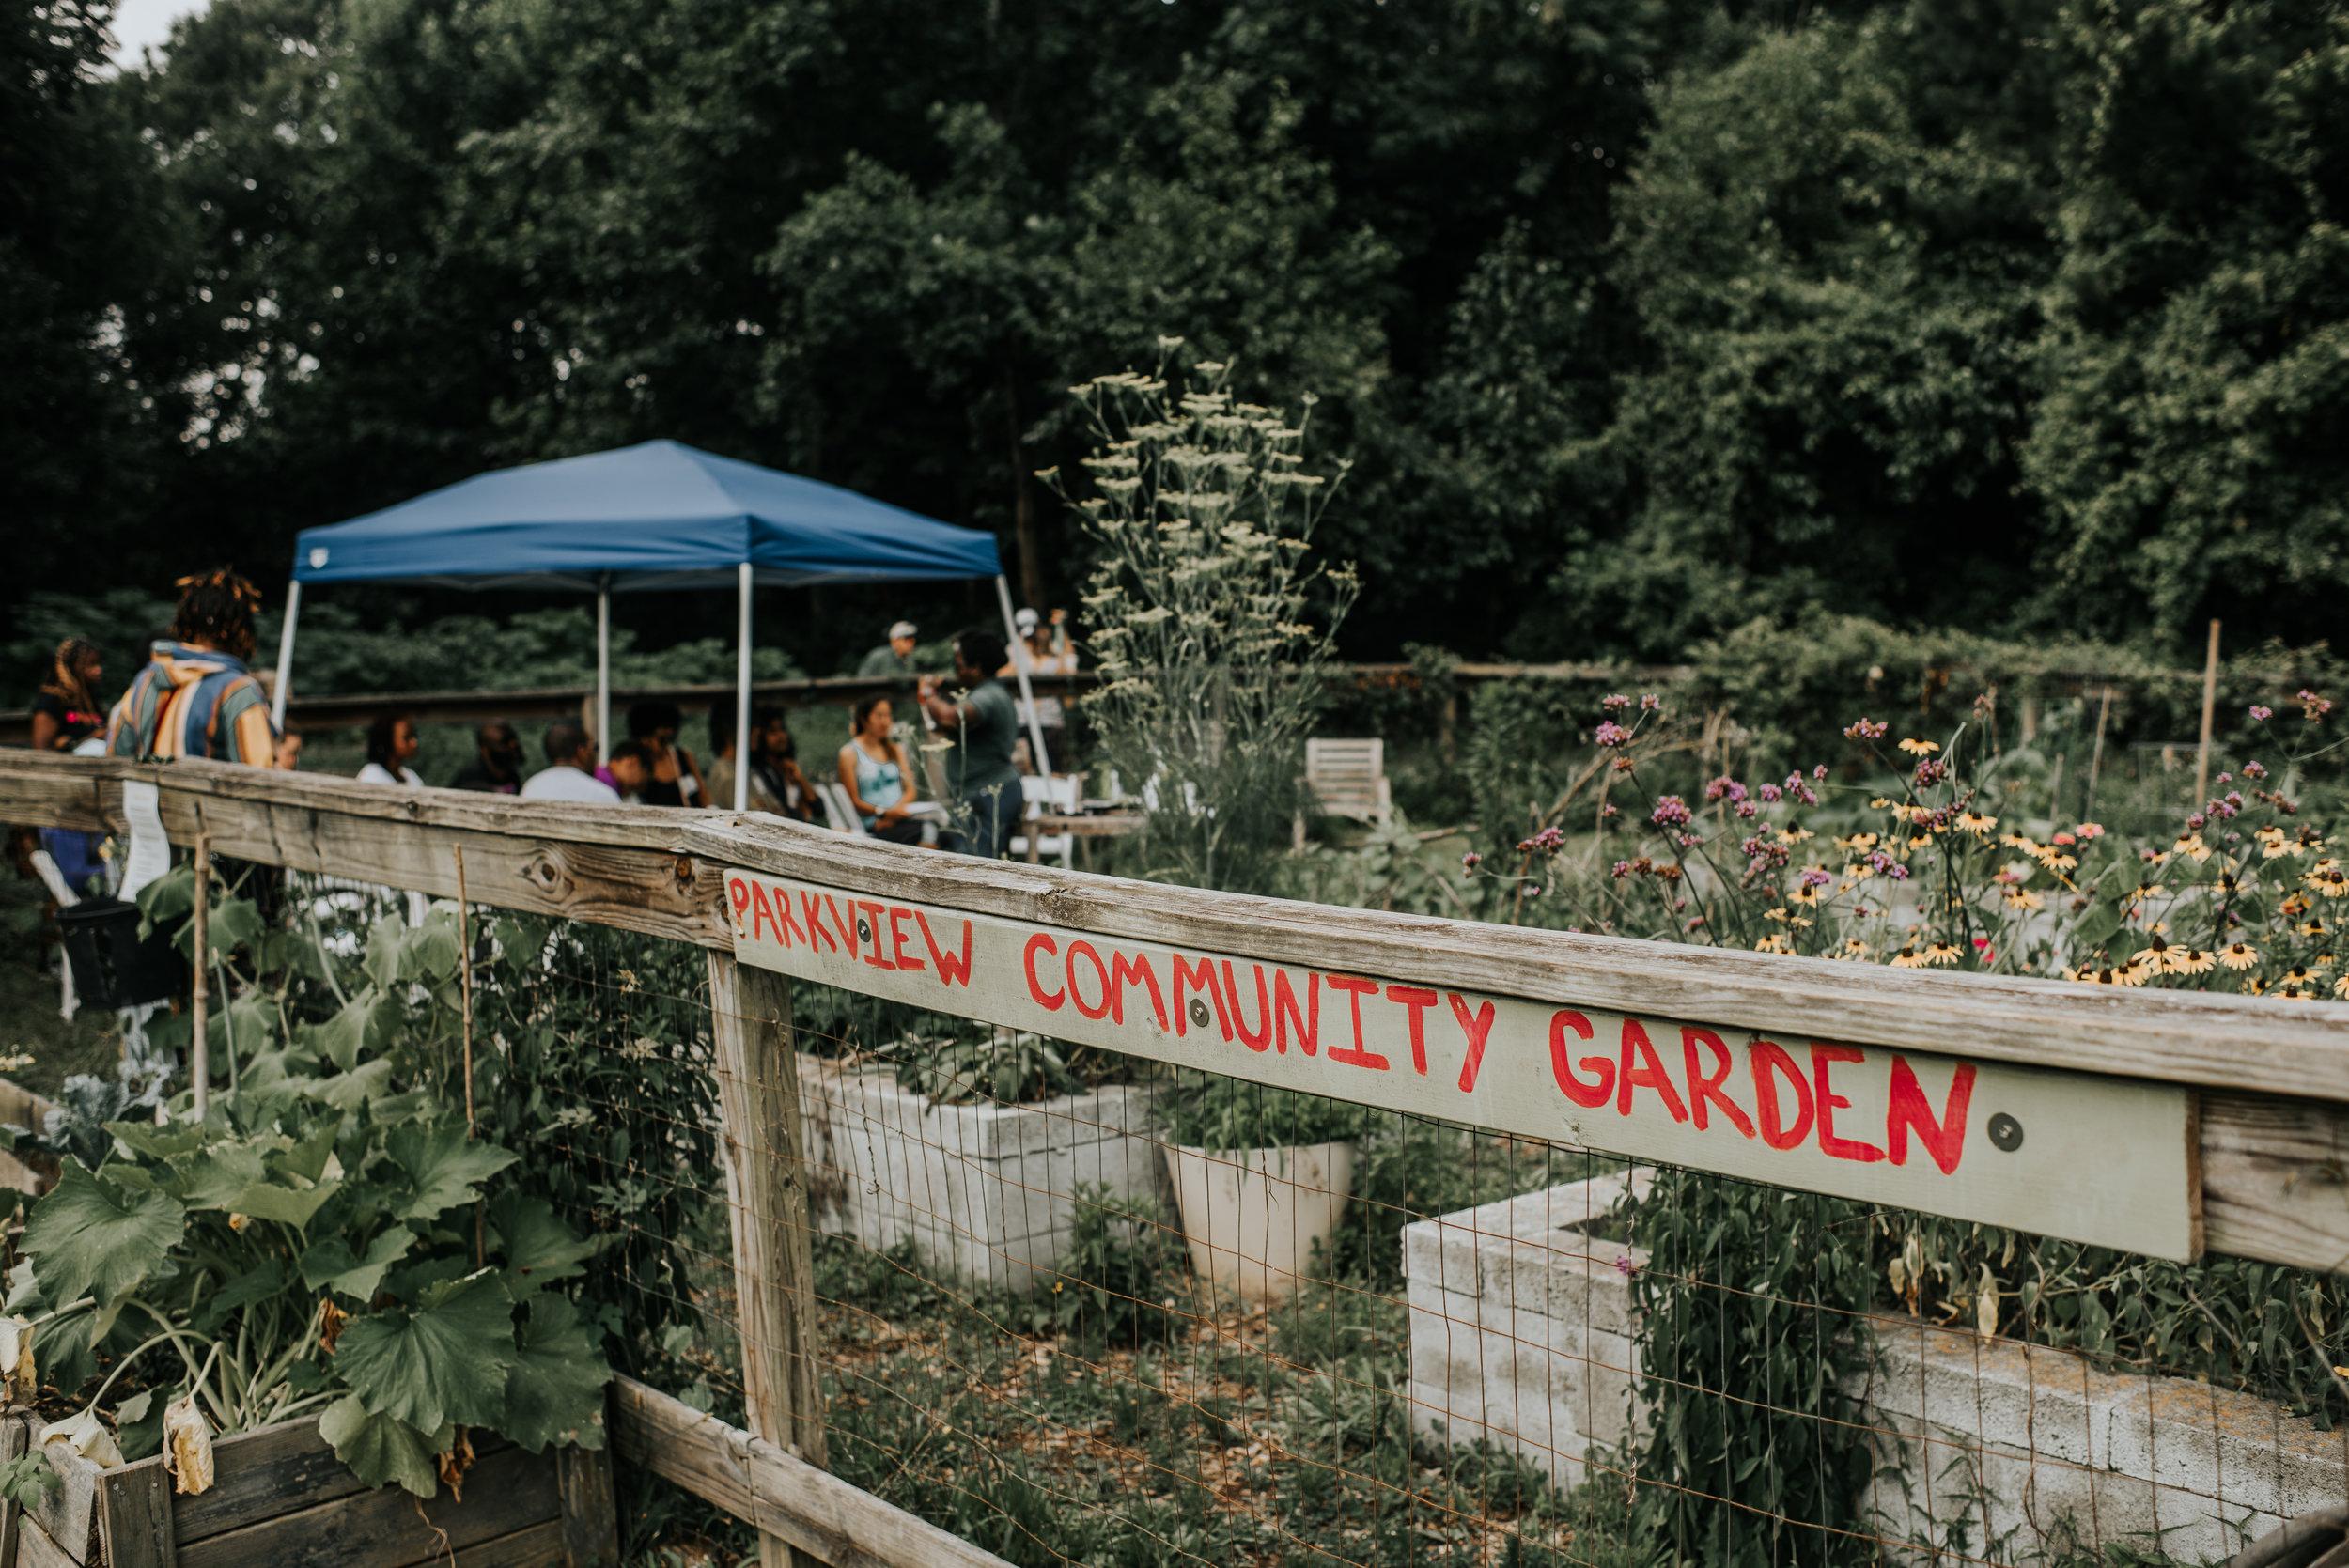 parkview community garden-13.jpg